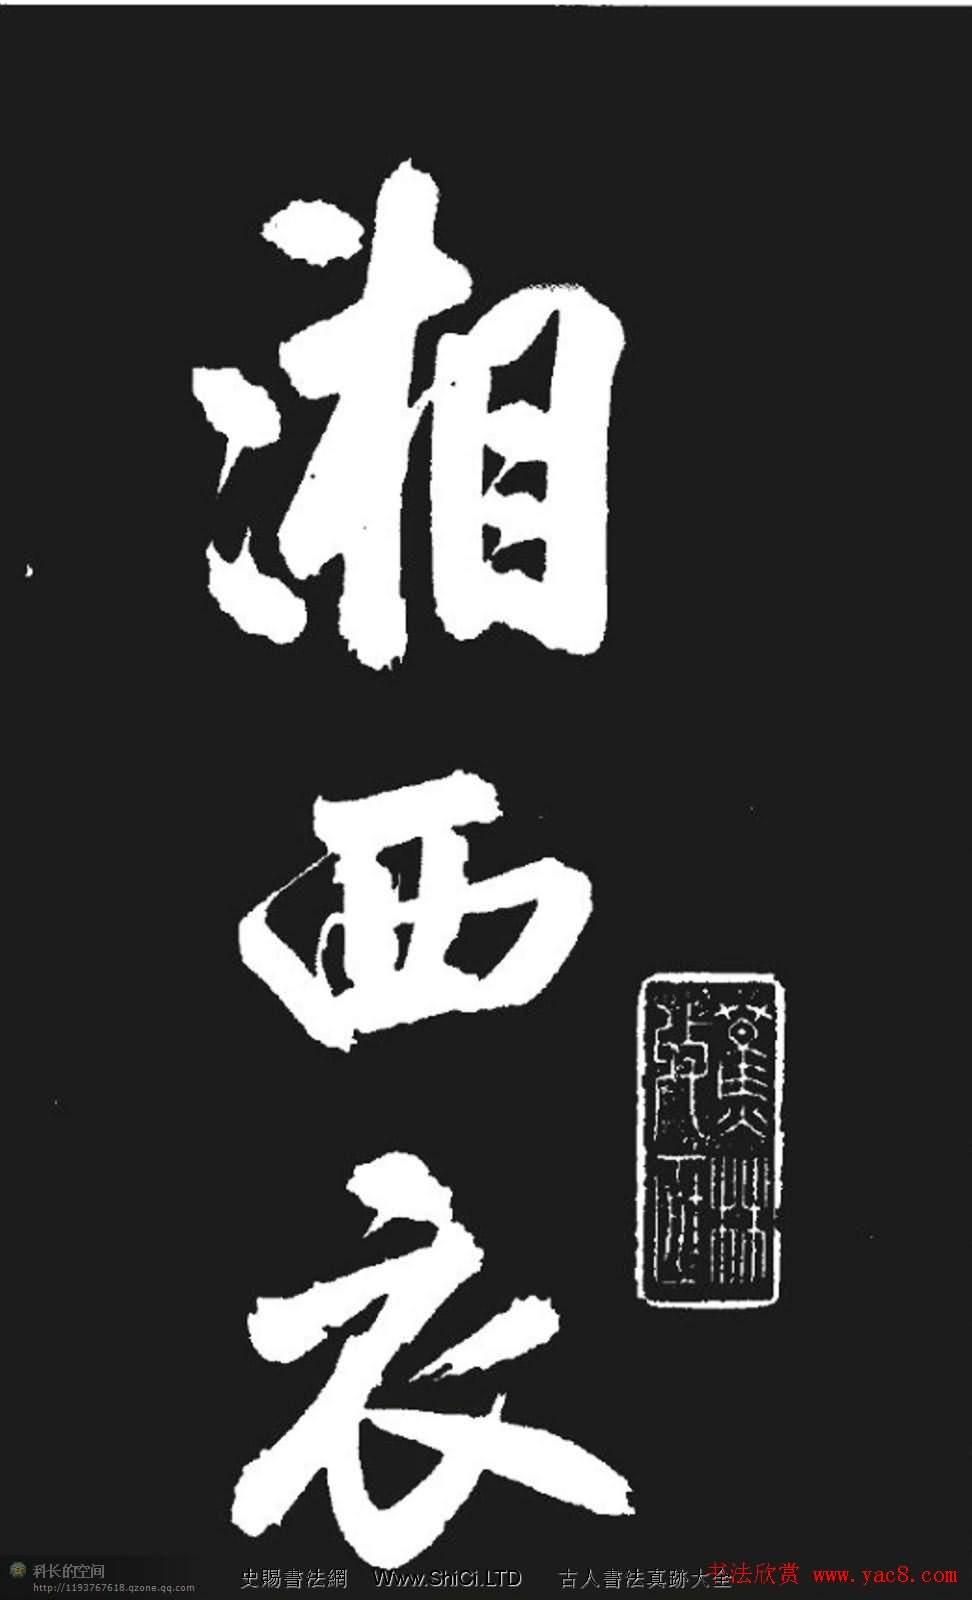 米芾書法真跡欣賞《湘西詩帖》(共5張圖片)